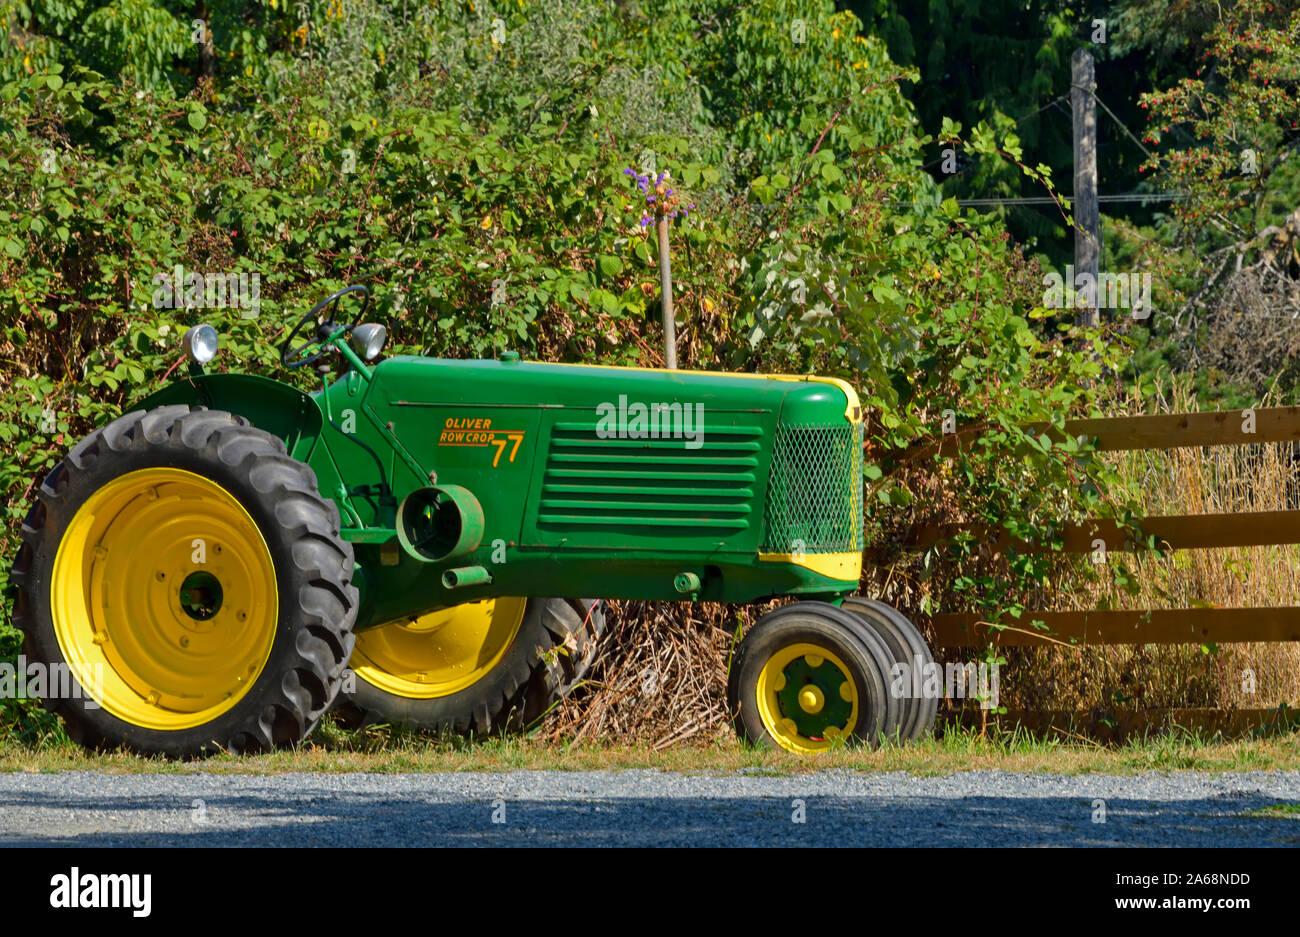 Seitenansicht eines antiken Oliver farm Traktor geparkt für Menschen entlang einer Straße in British Columbia Kanada zu sehen. Stockfoto